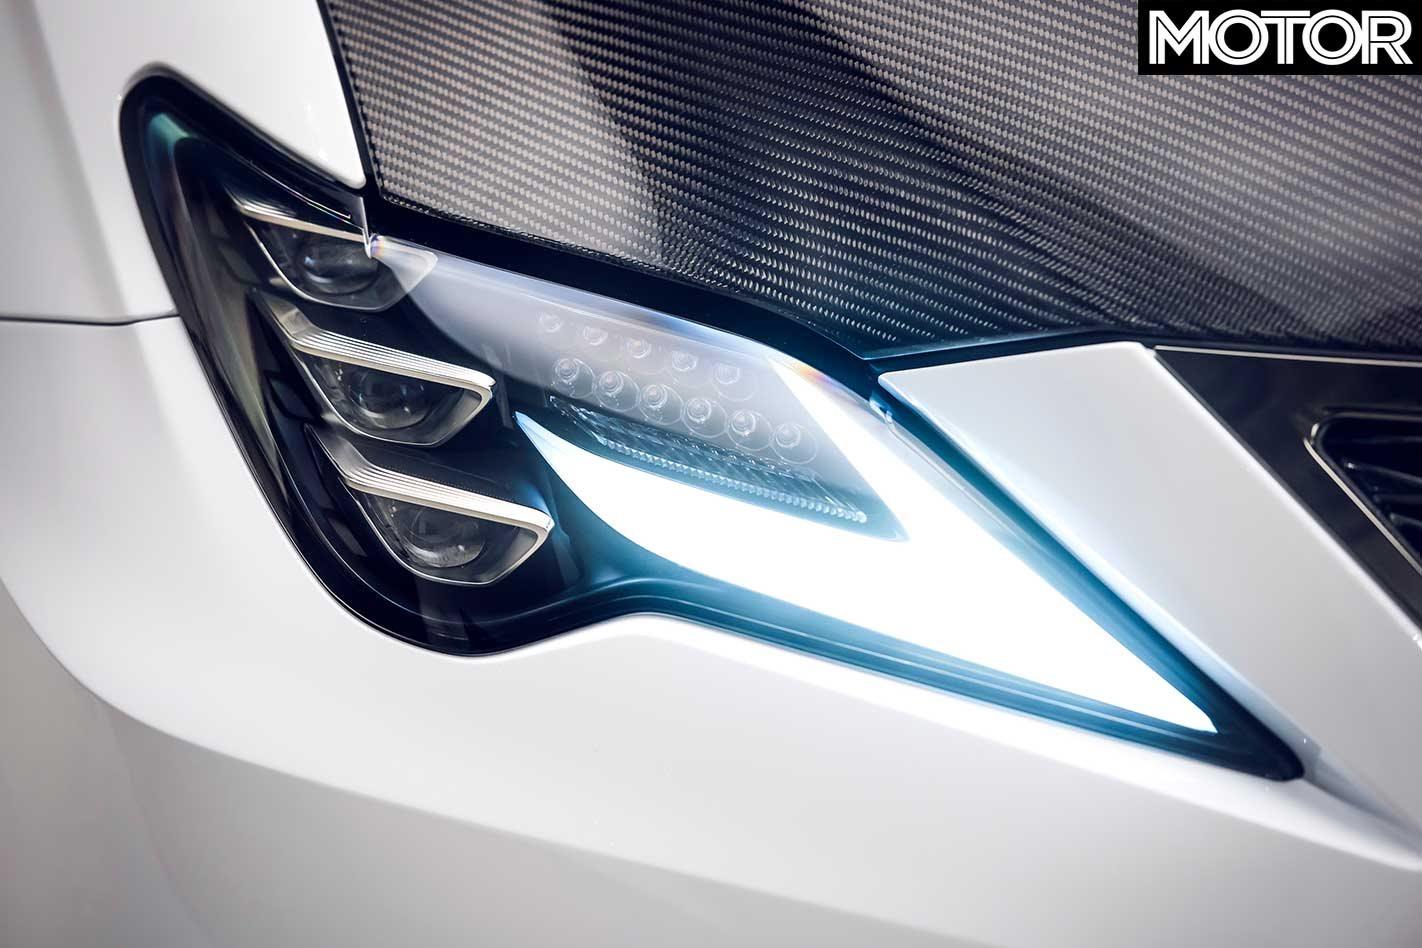 2019 Detroit Auto Show: Lexus RC F Track Edition revealed